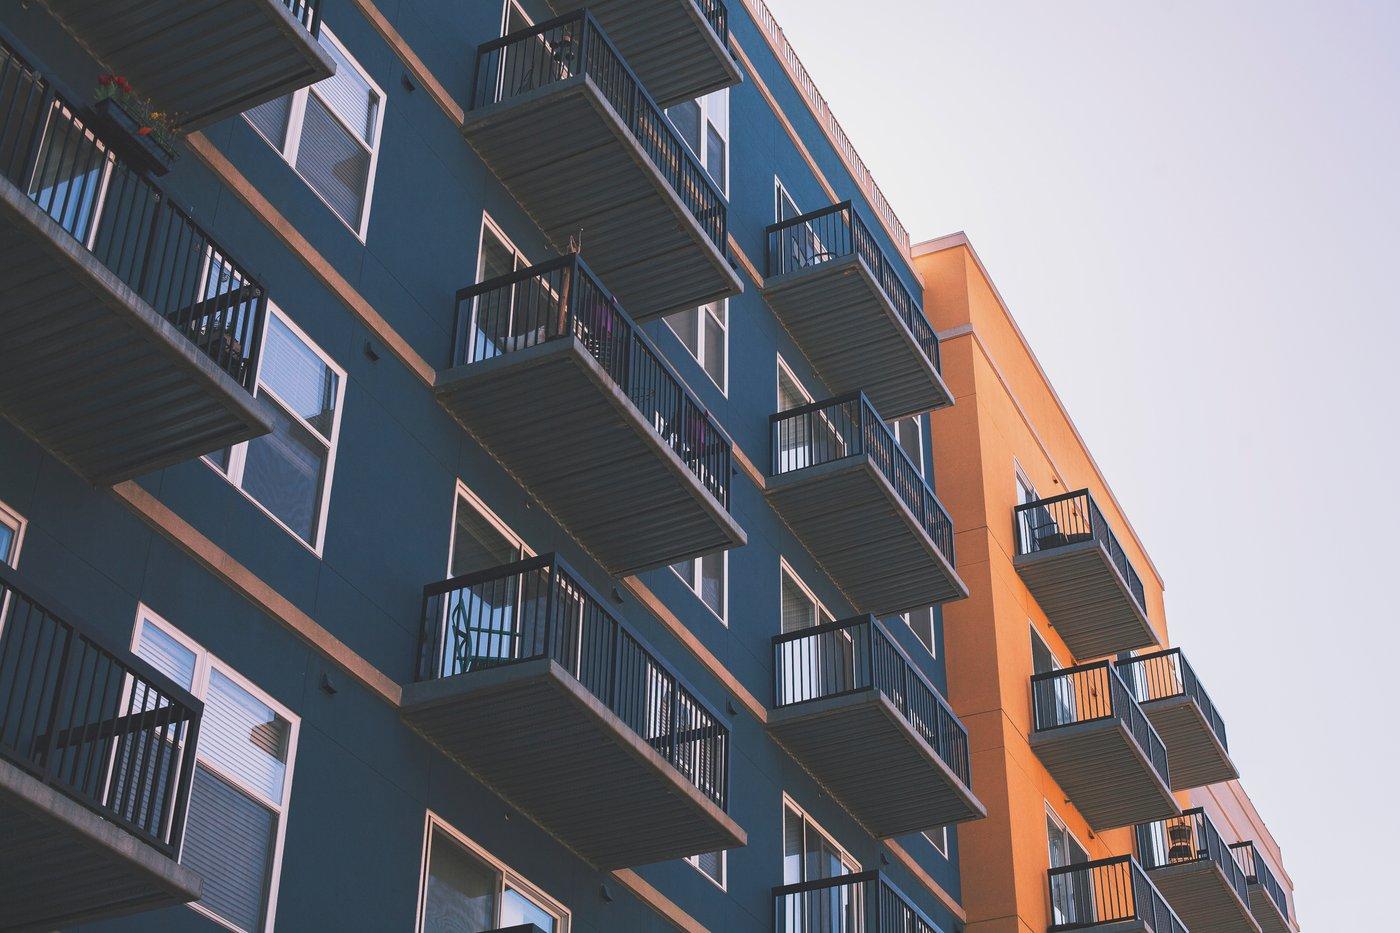 Satellitenschüsseln für den Balkon